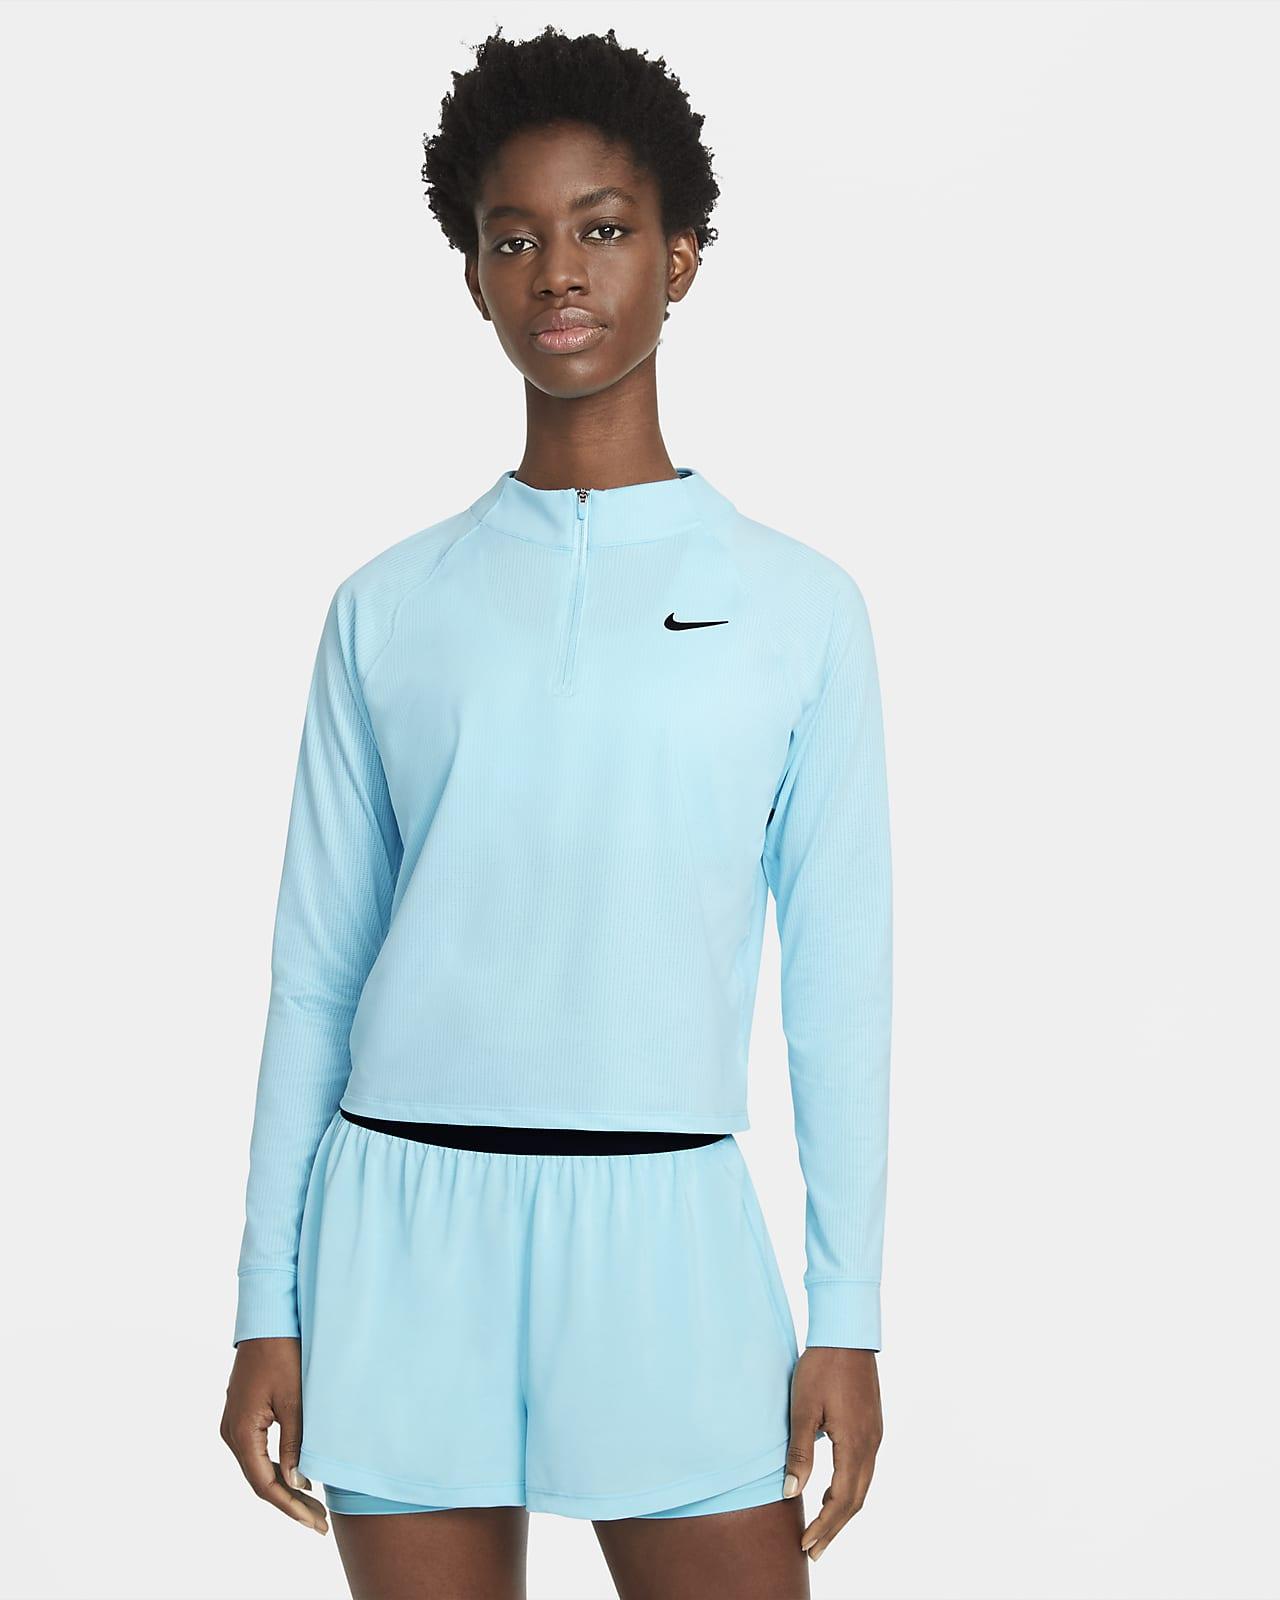 Женская теннисная футболка с длинным рукавом и молнией на половину длины NikeCourt Dri-FIT Victory